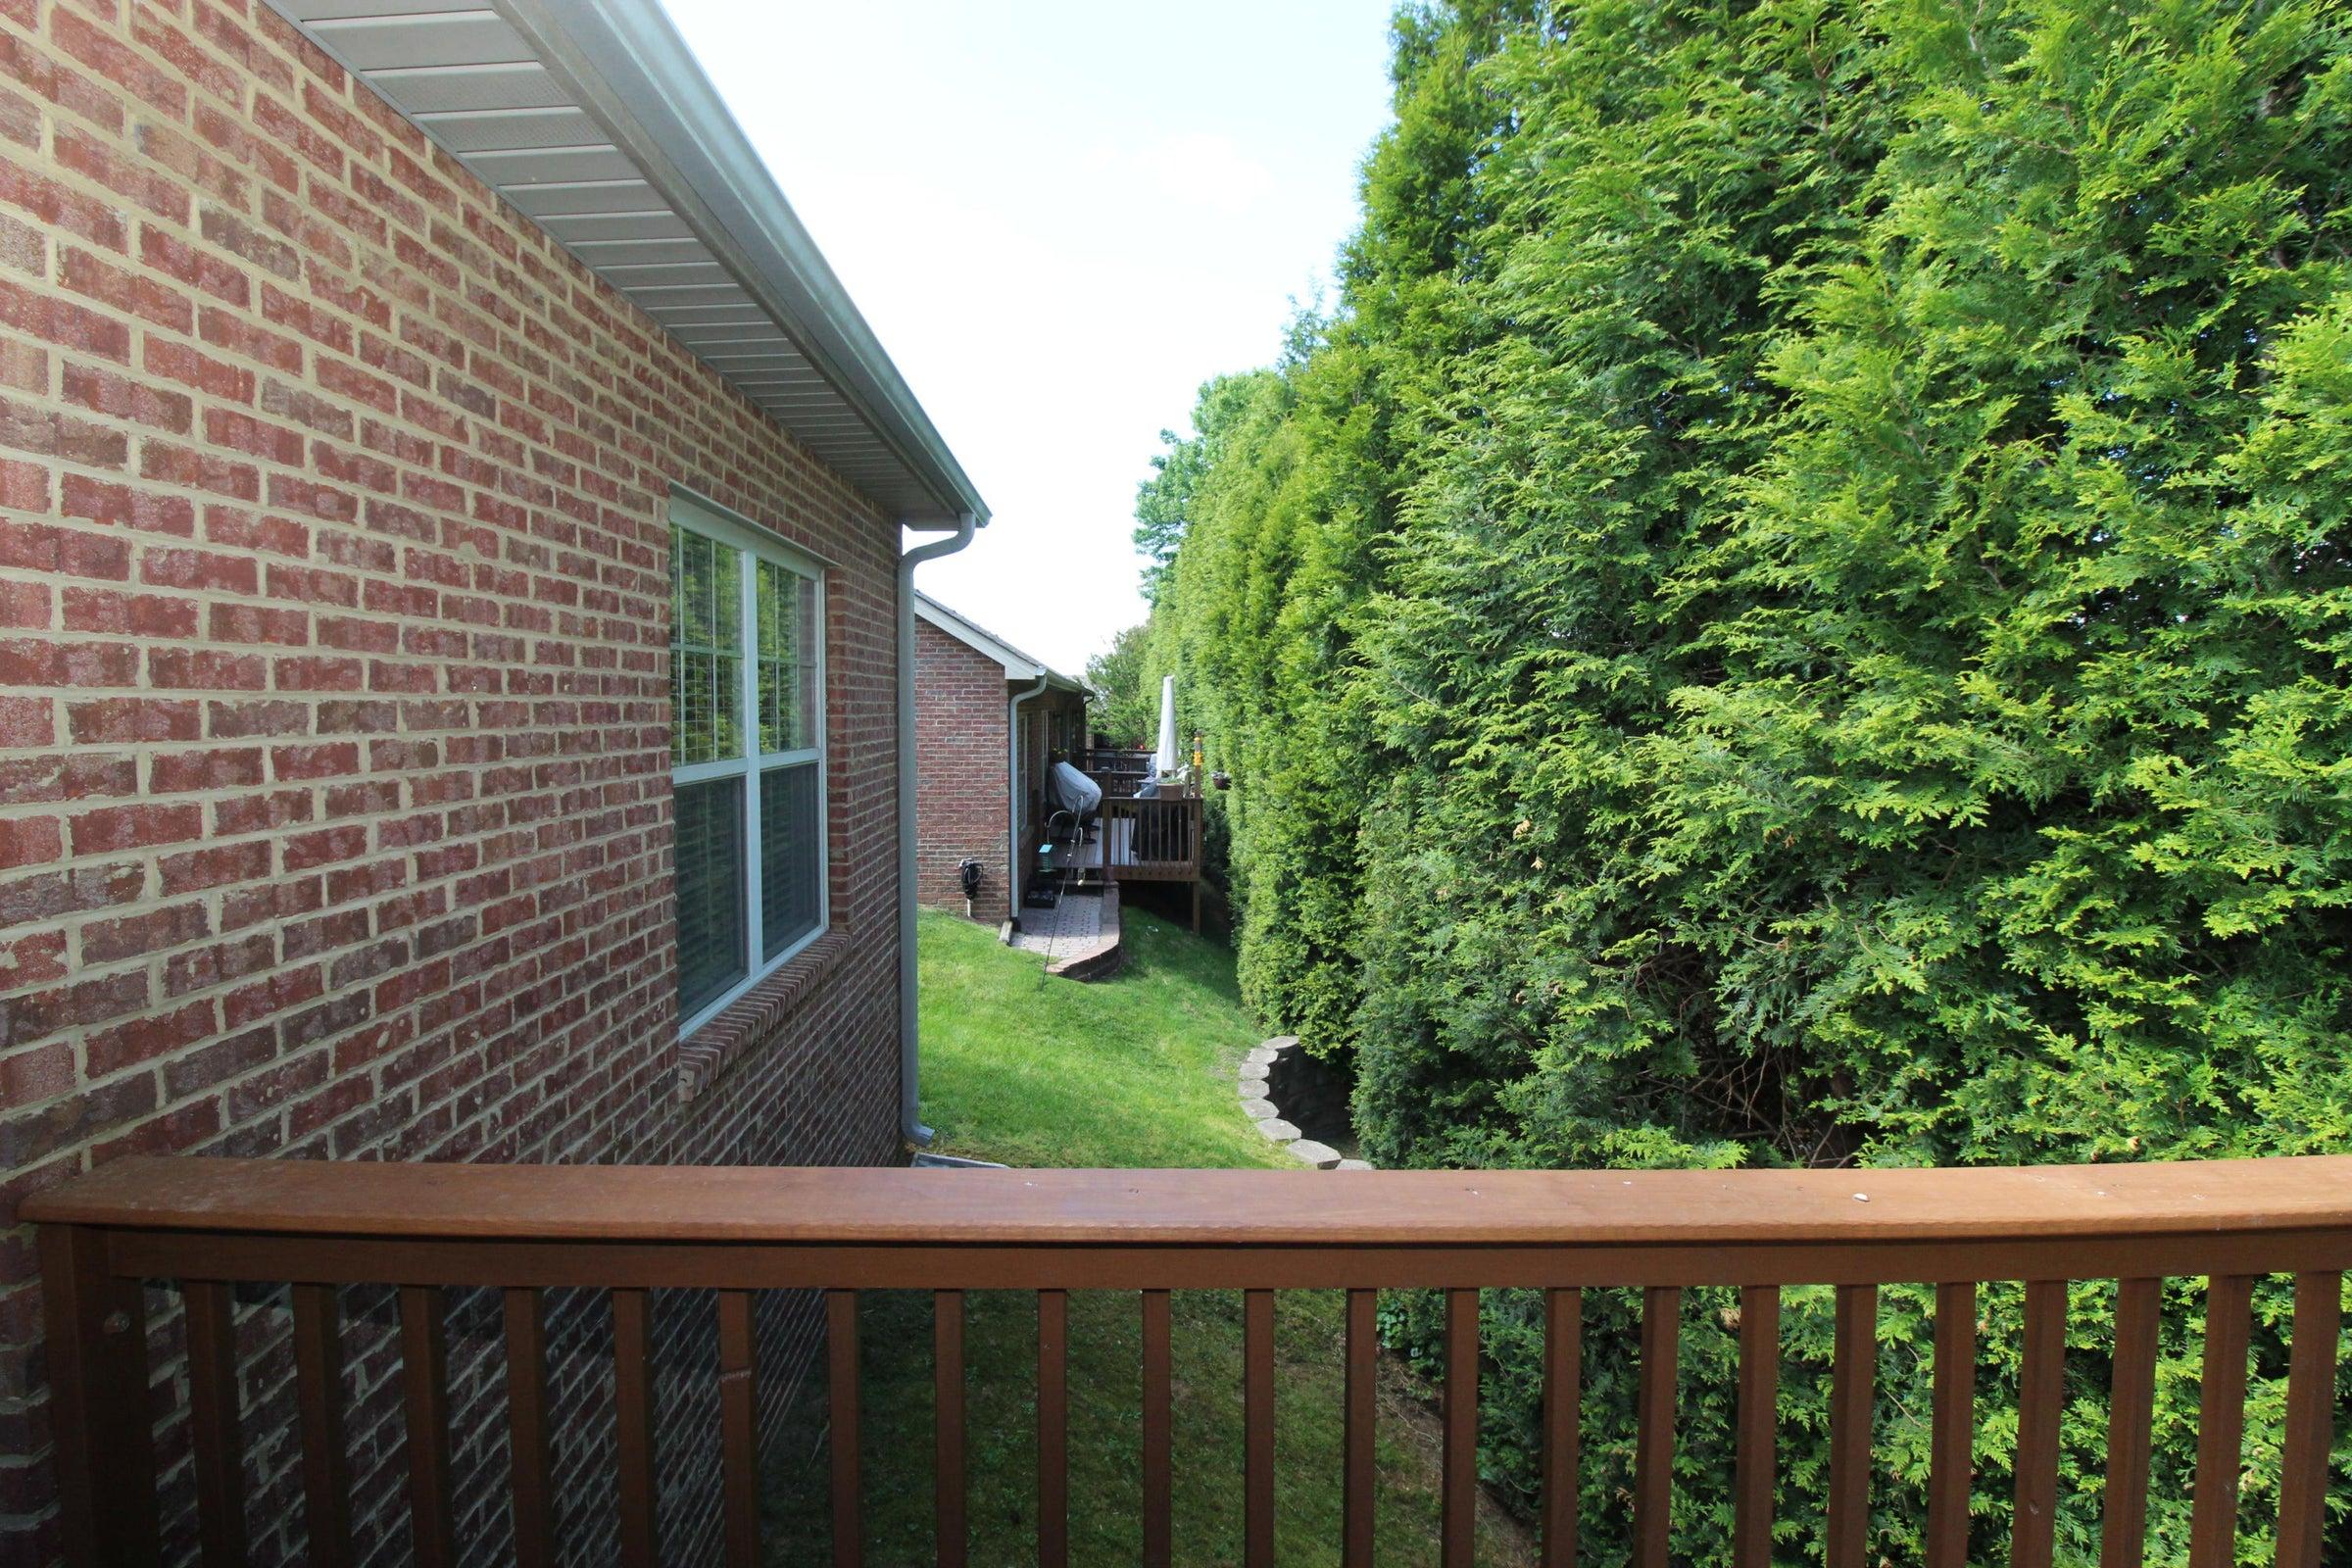 View of neighboring condos